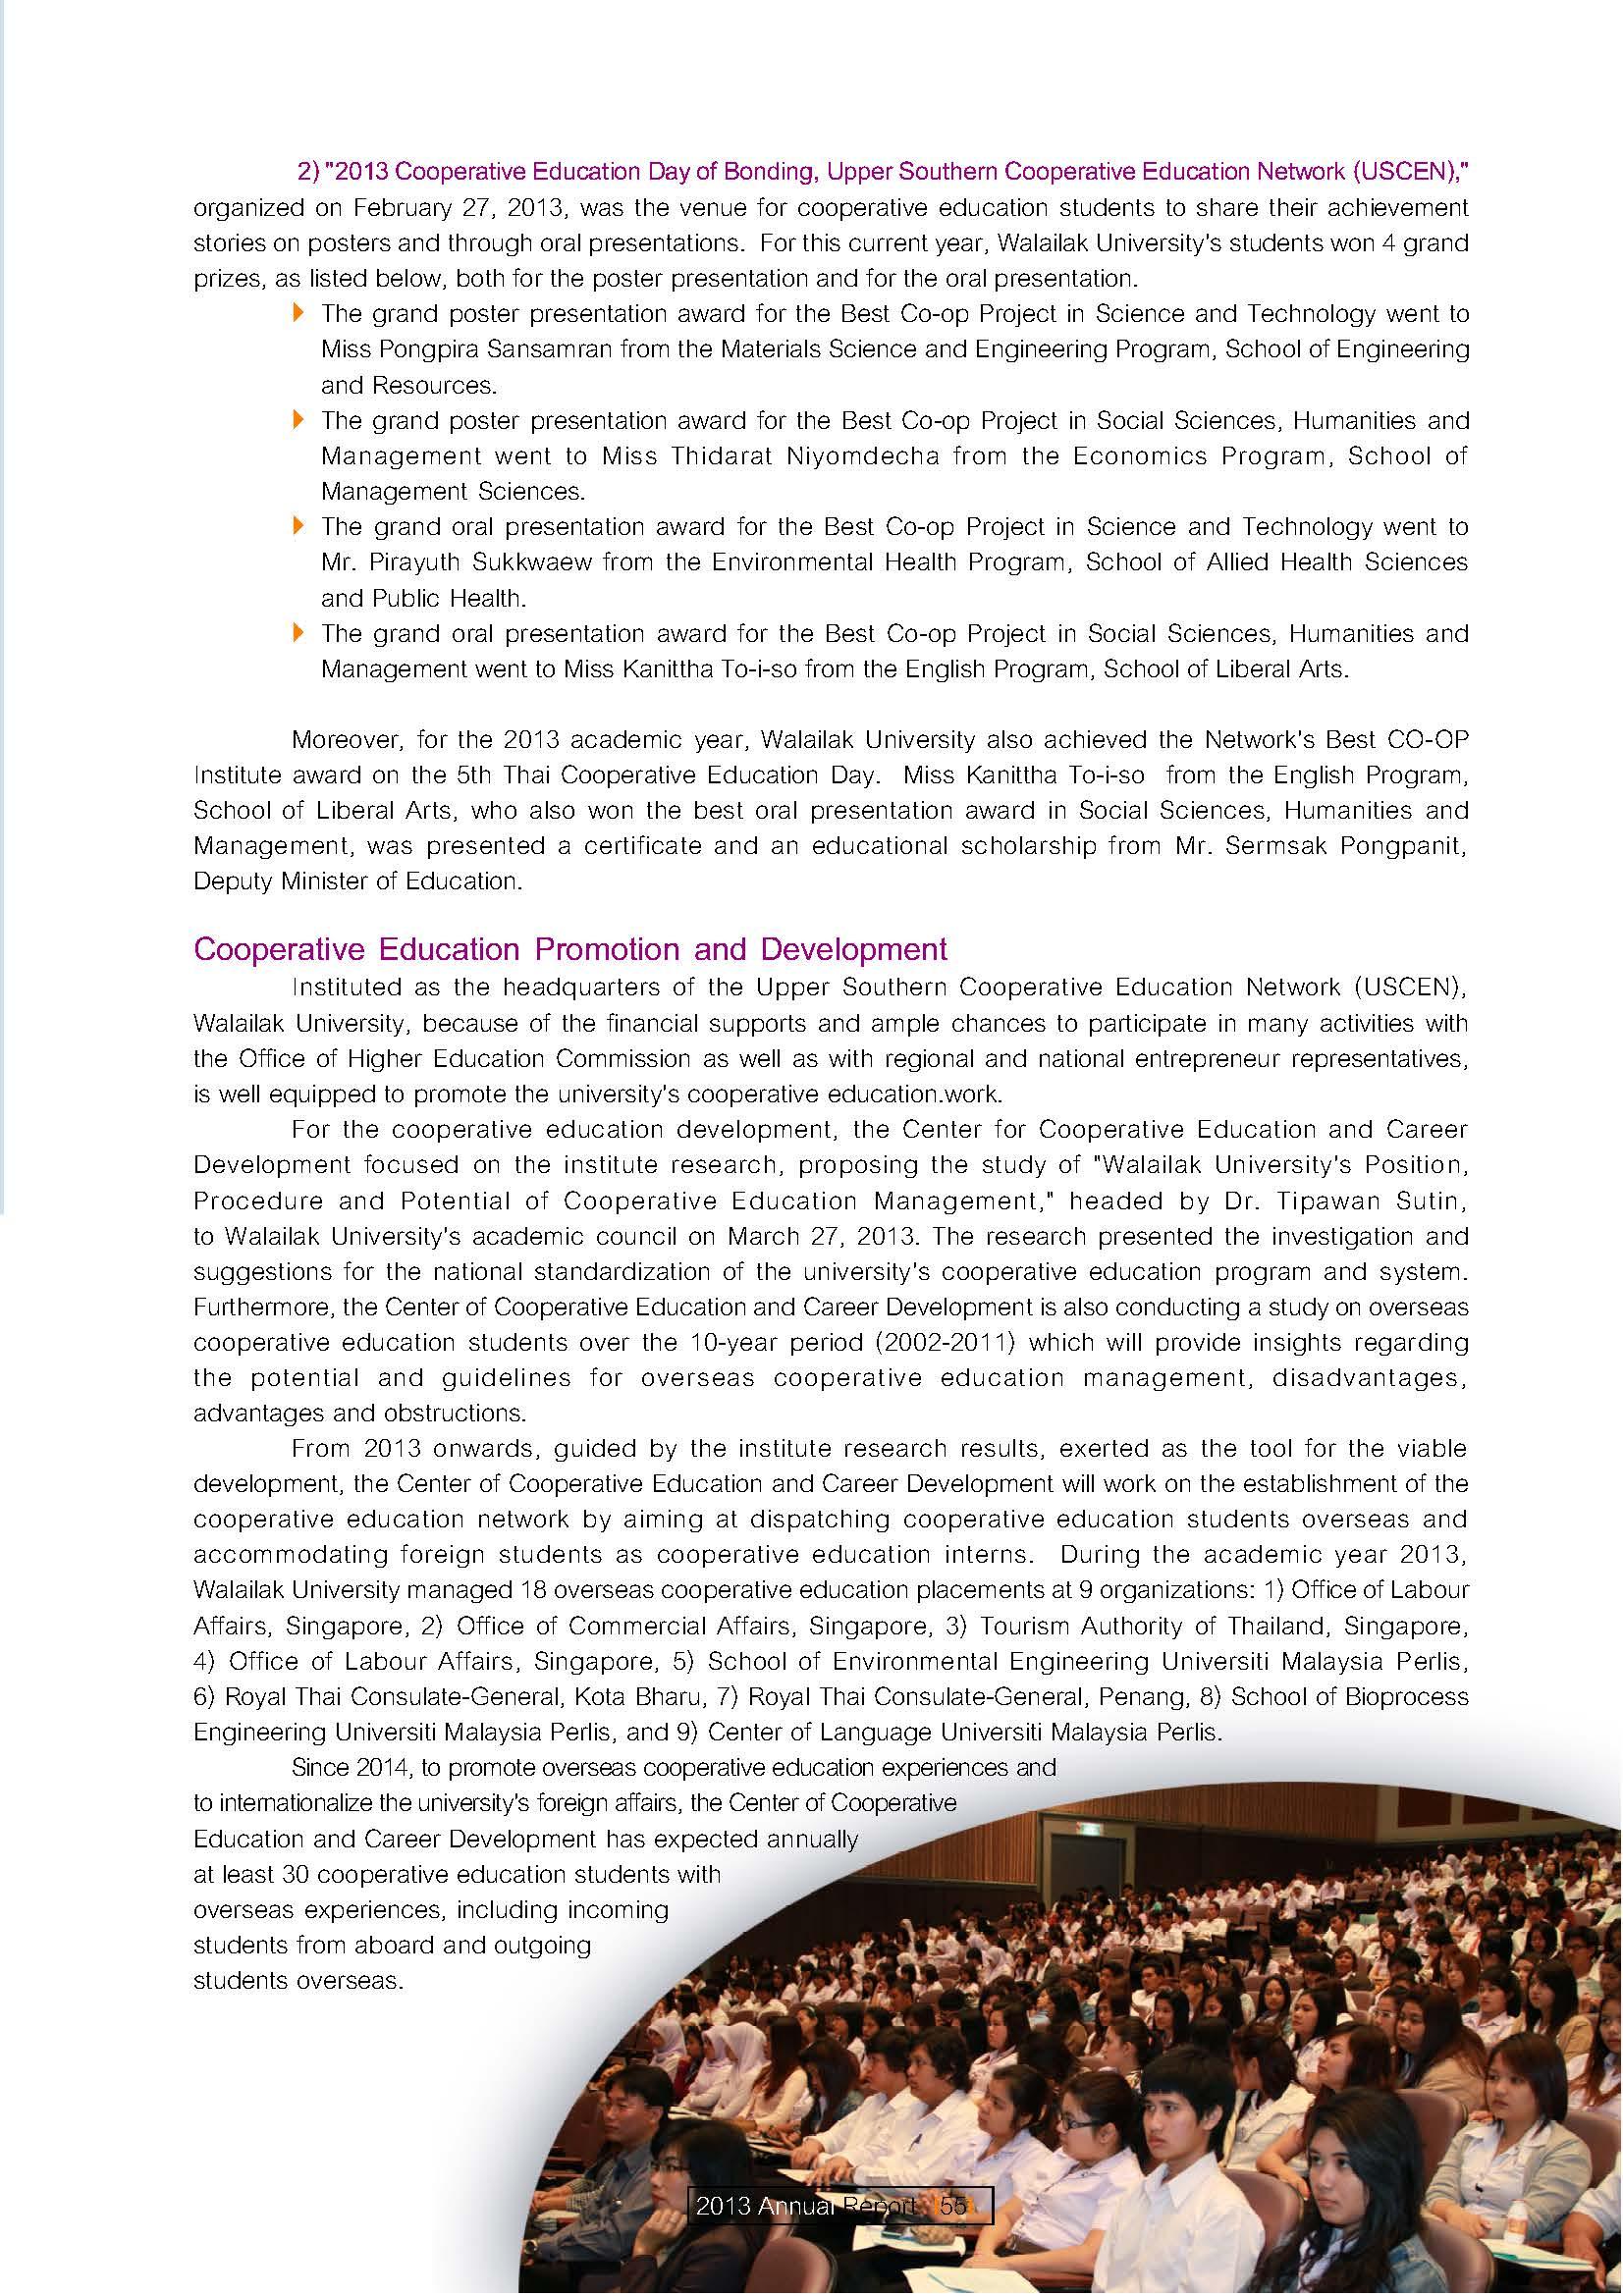 รายงานประจำปี2013ภาษาอังกฤษ_Page_55